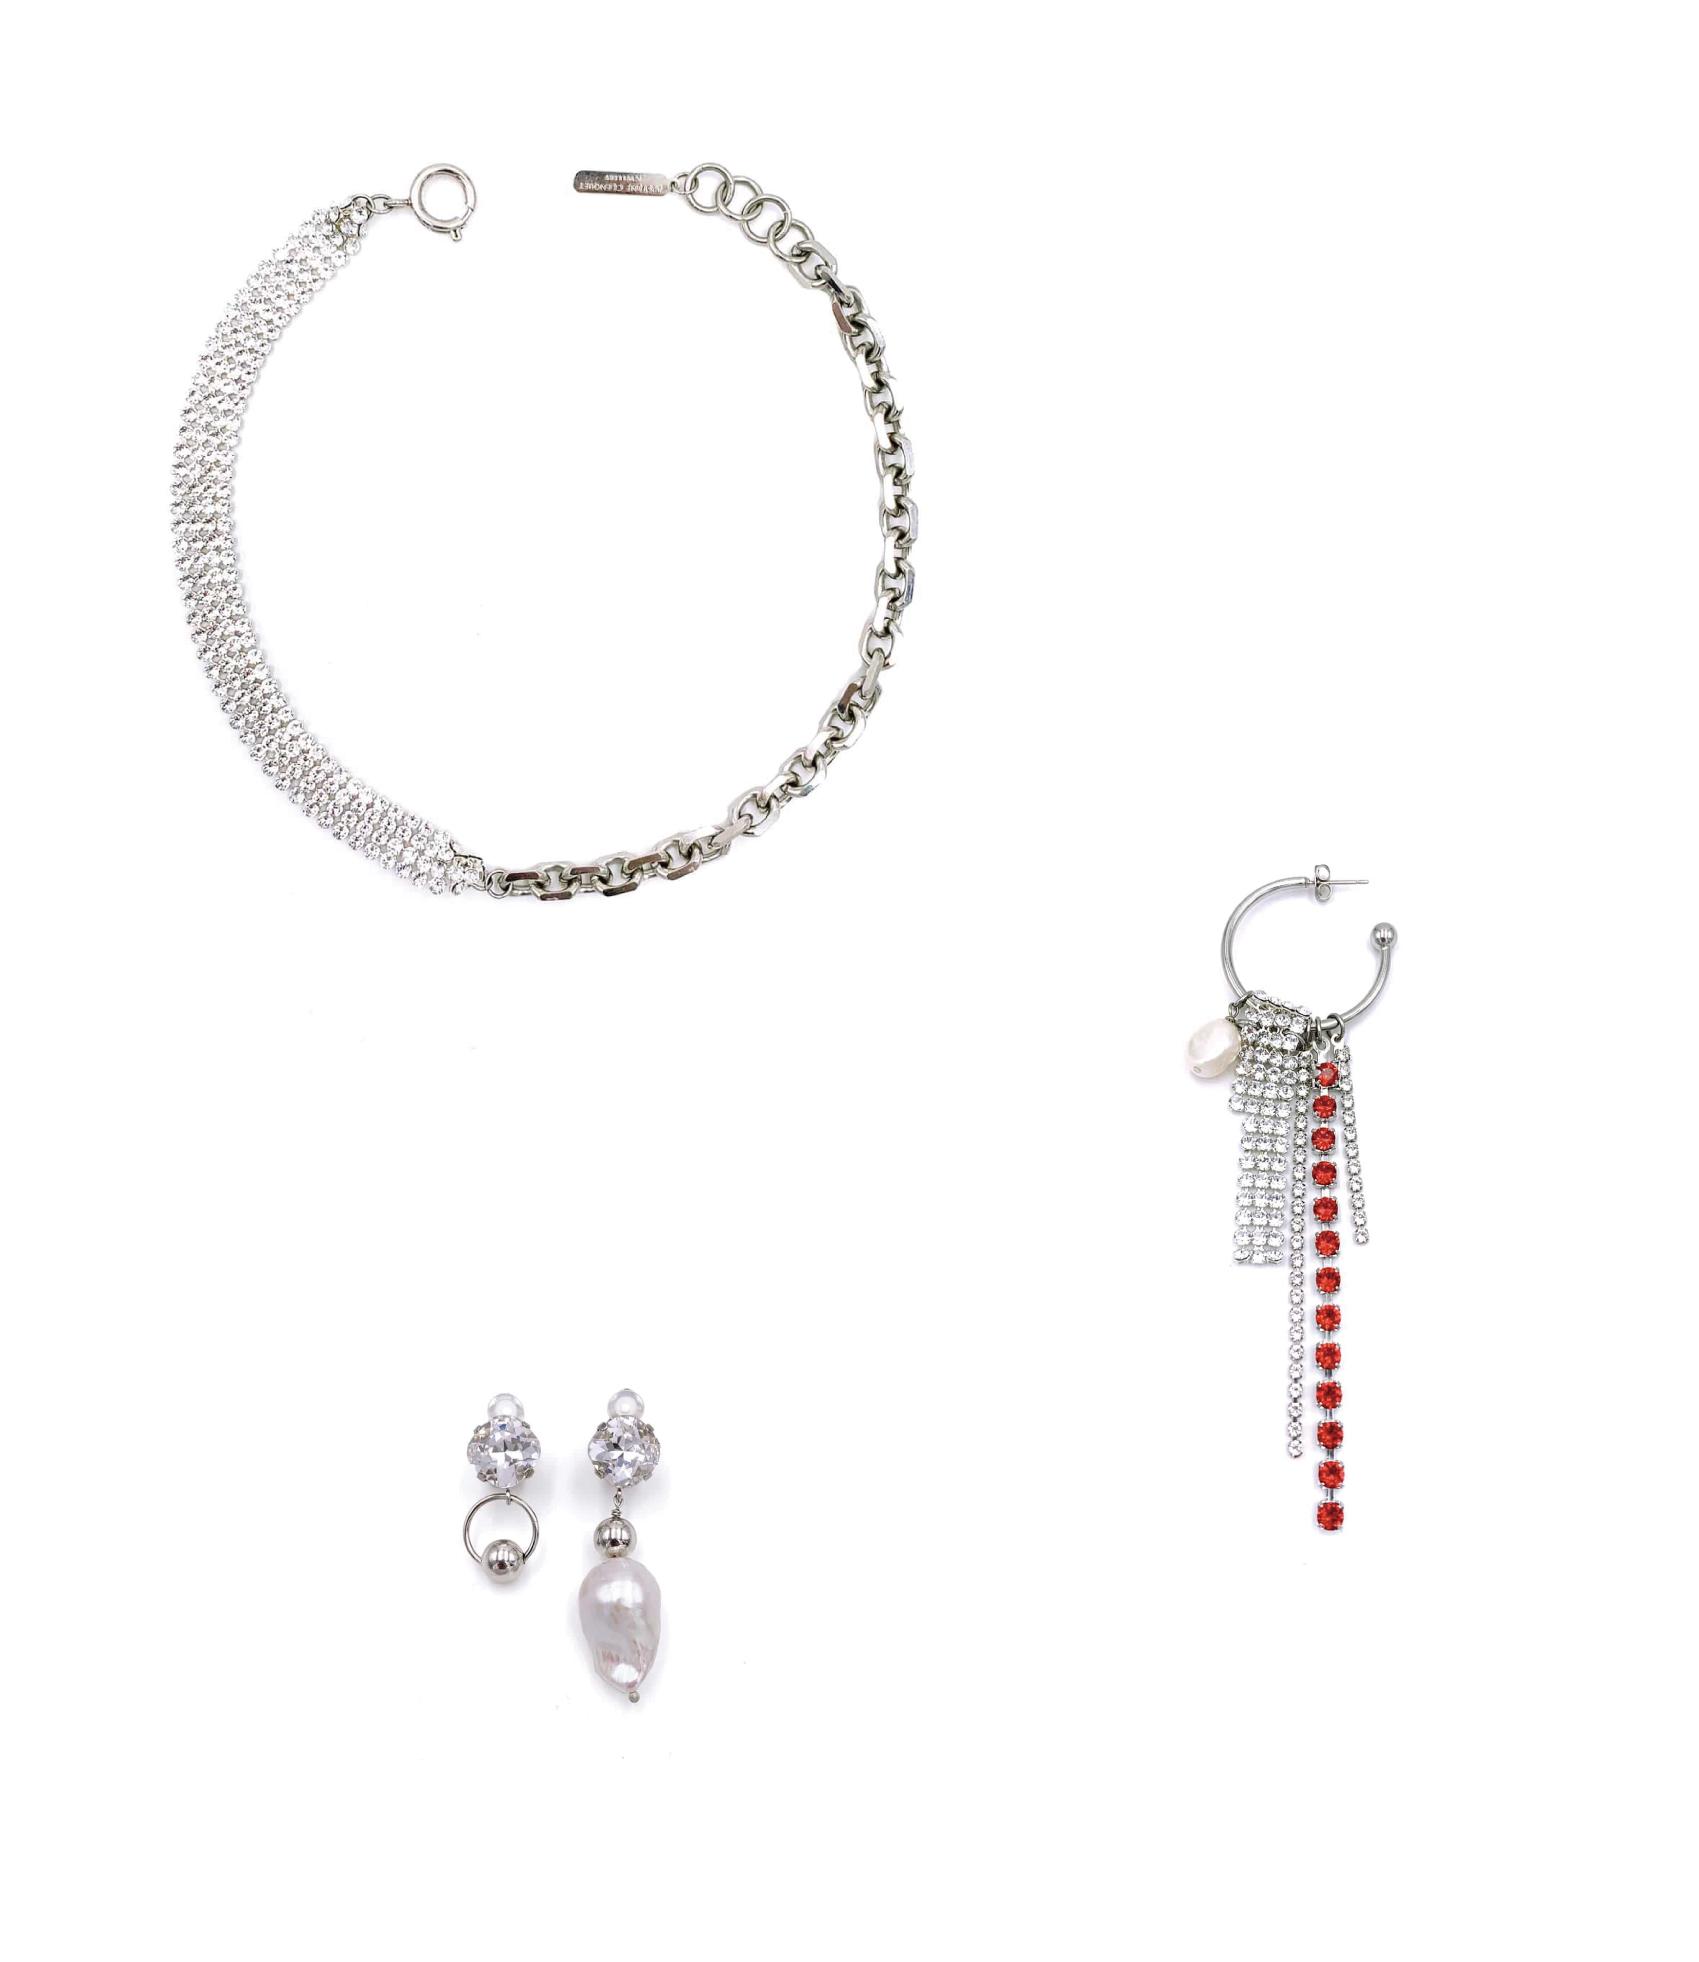 上/ JUSTINE CLENQUET - Shanon choker necklace  , 下/ JUSTINE CLENQUET - Laurie clip earrings